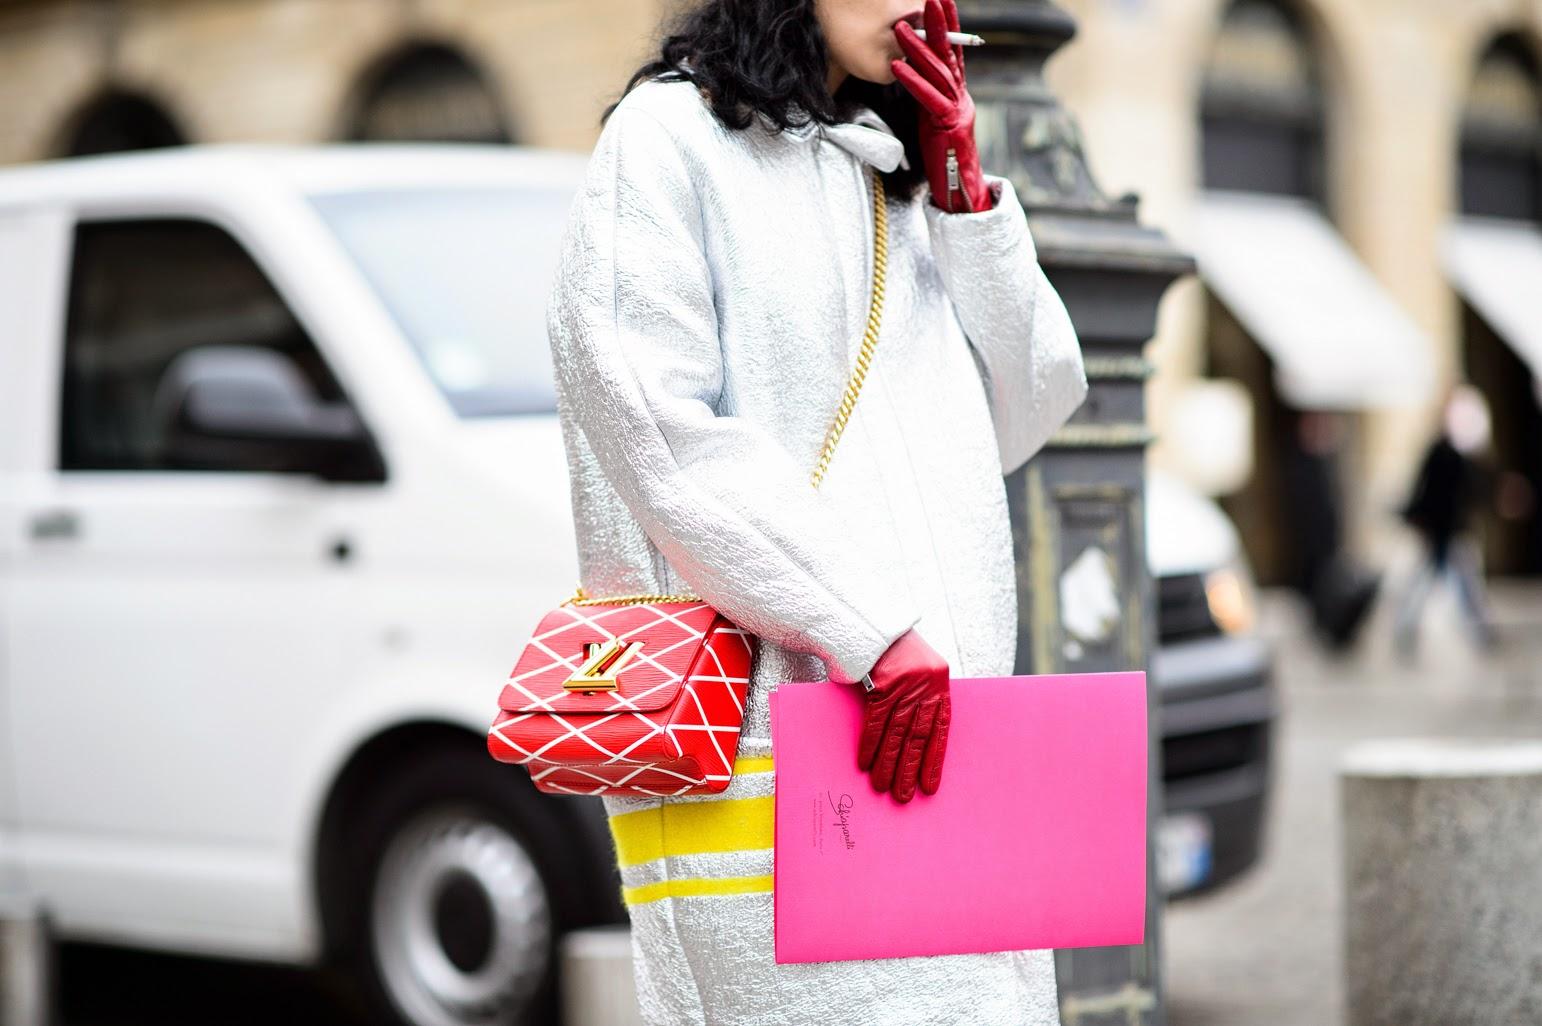 parigi haute couture street style mariafelicia magno colorblock by felym mariafelicia magno fashion blogger fashion blog italiani fashion blogger italiane blog di moda italiani